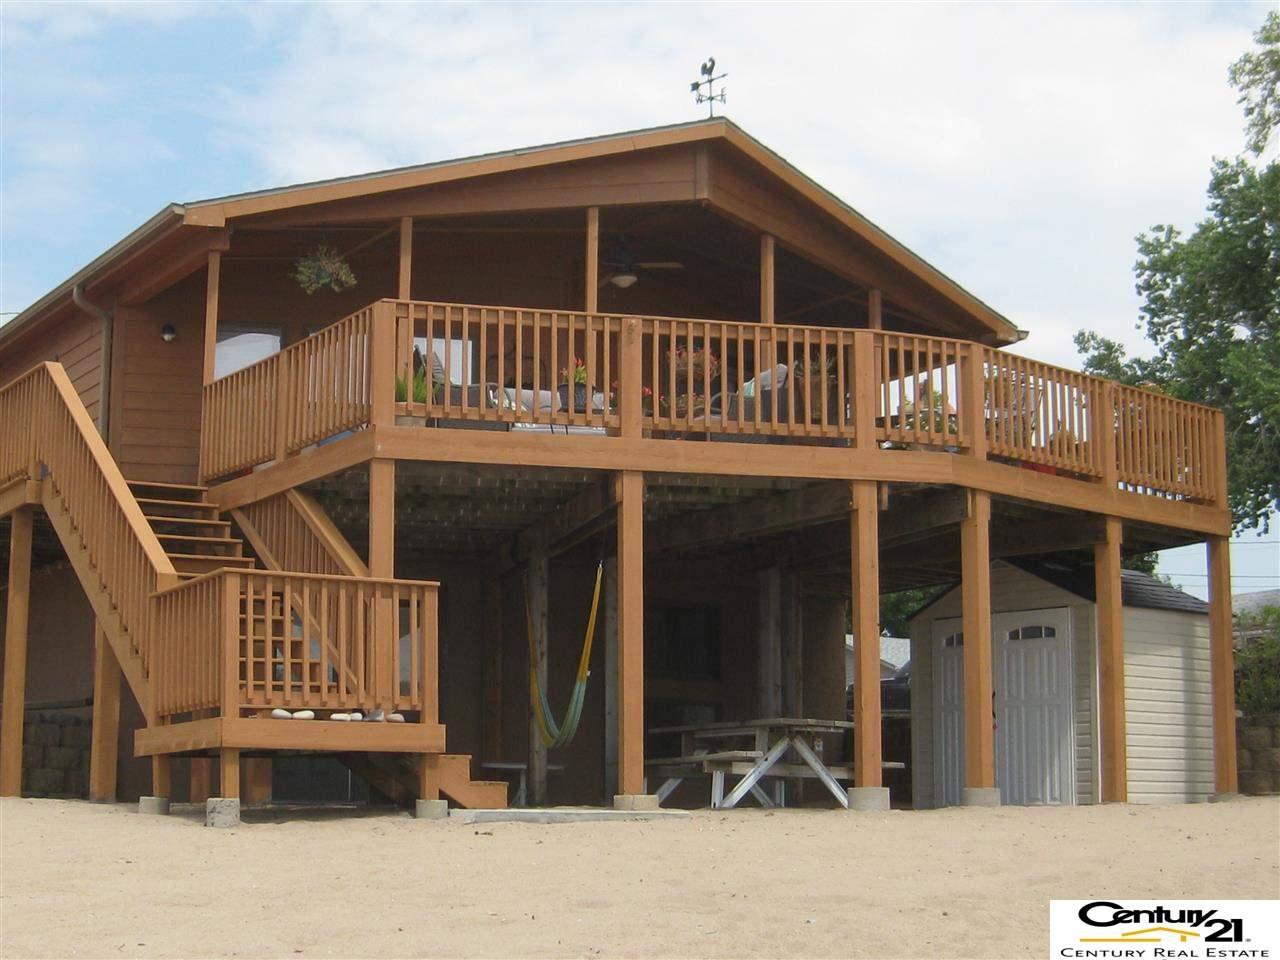 Real Estate for Sale, ListingId: 29165805, Bellevue,NE68123